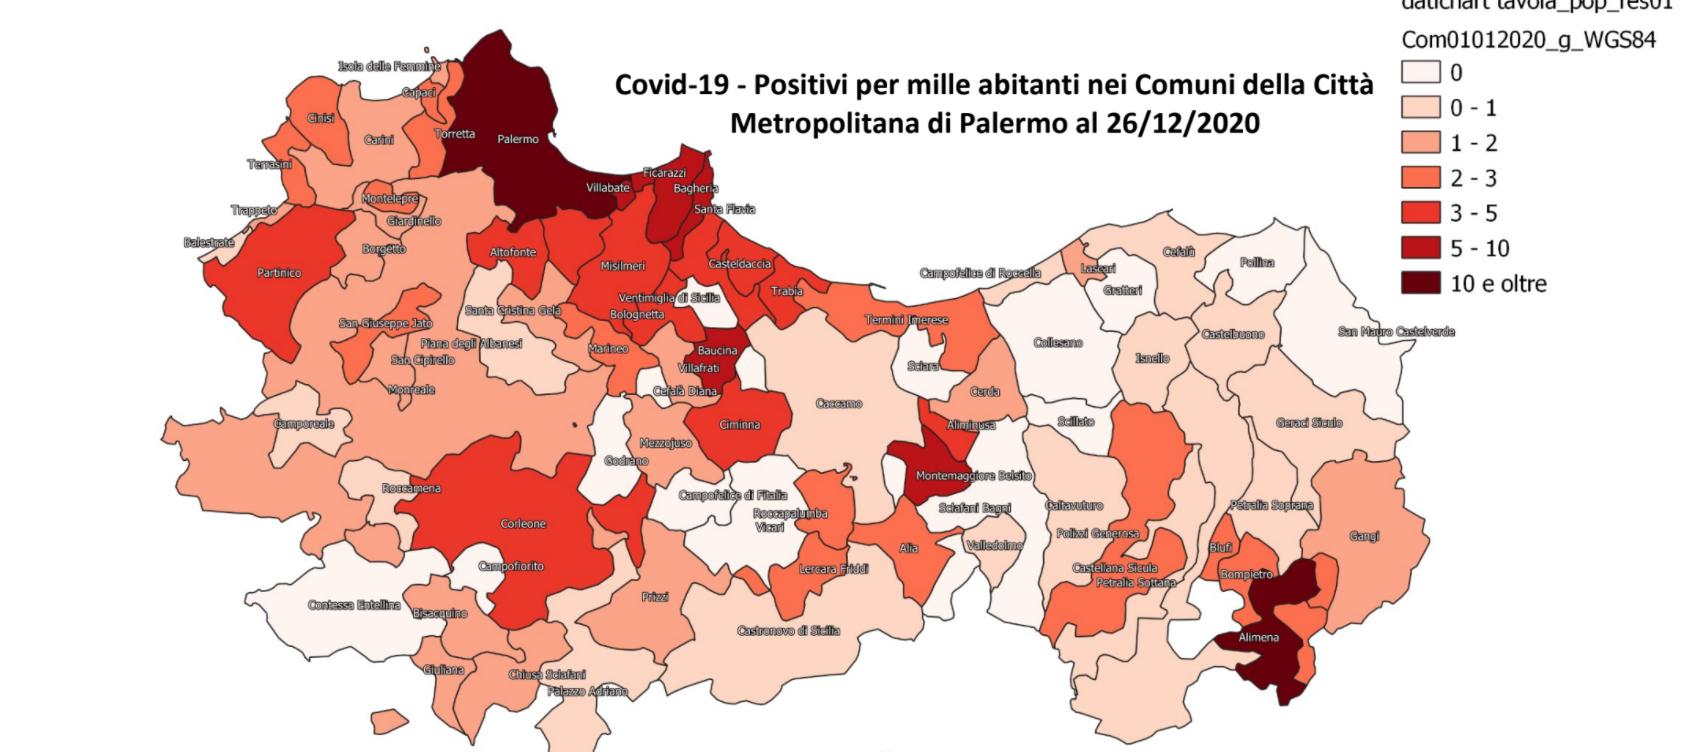 Cartina Sicilia Con Tutti I Comuni.Coronavirus Nell Ultimo Mese Positivi In Calo In Provincia Di Palermo I Numeri Di Tutti I Comuni Giornale Di Sicilia